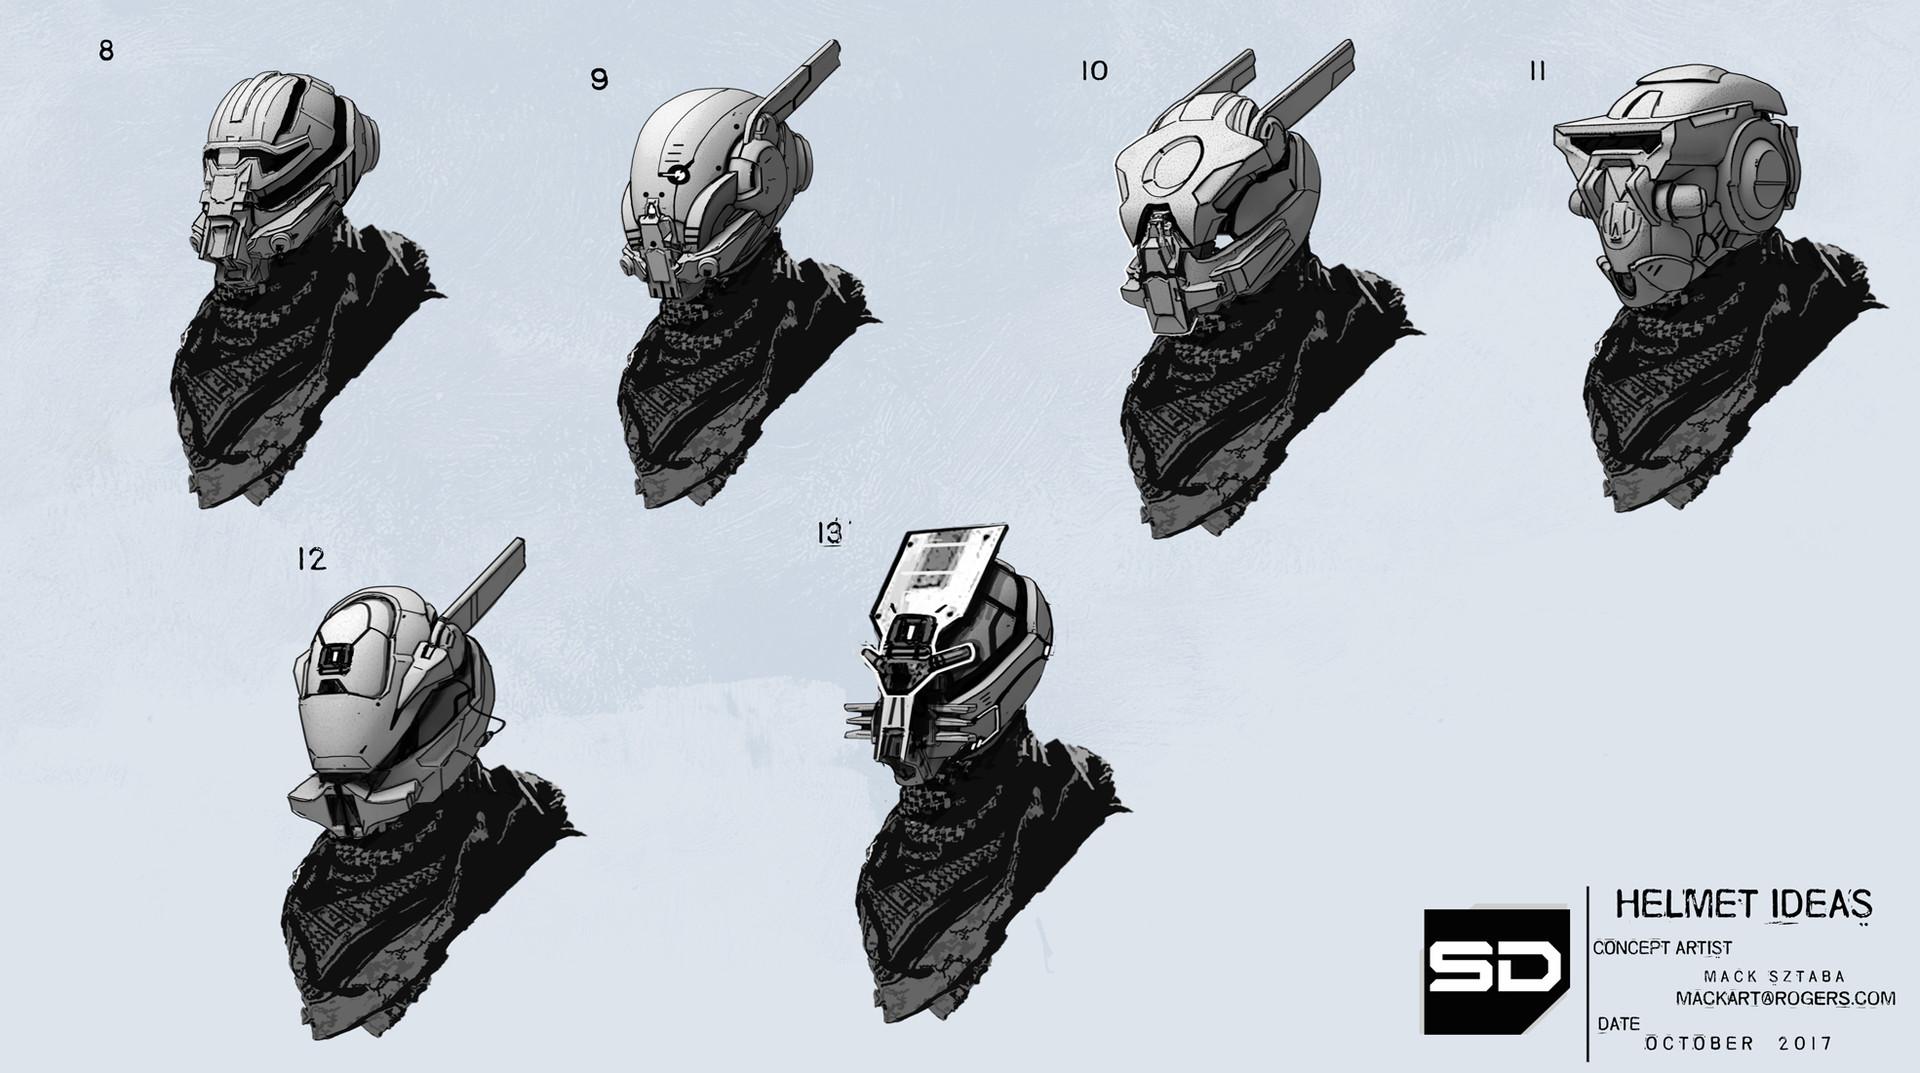 Mack sztaba helmet ideas 2